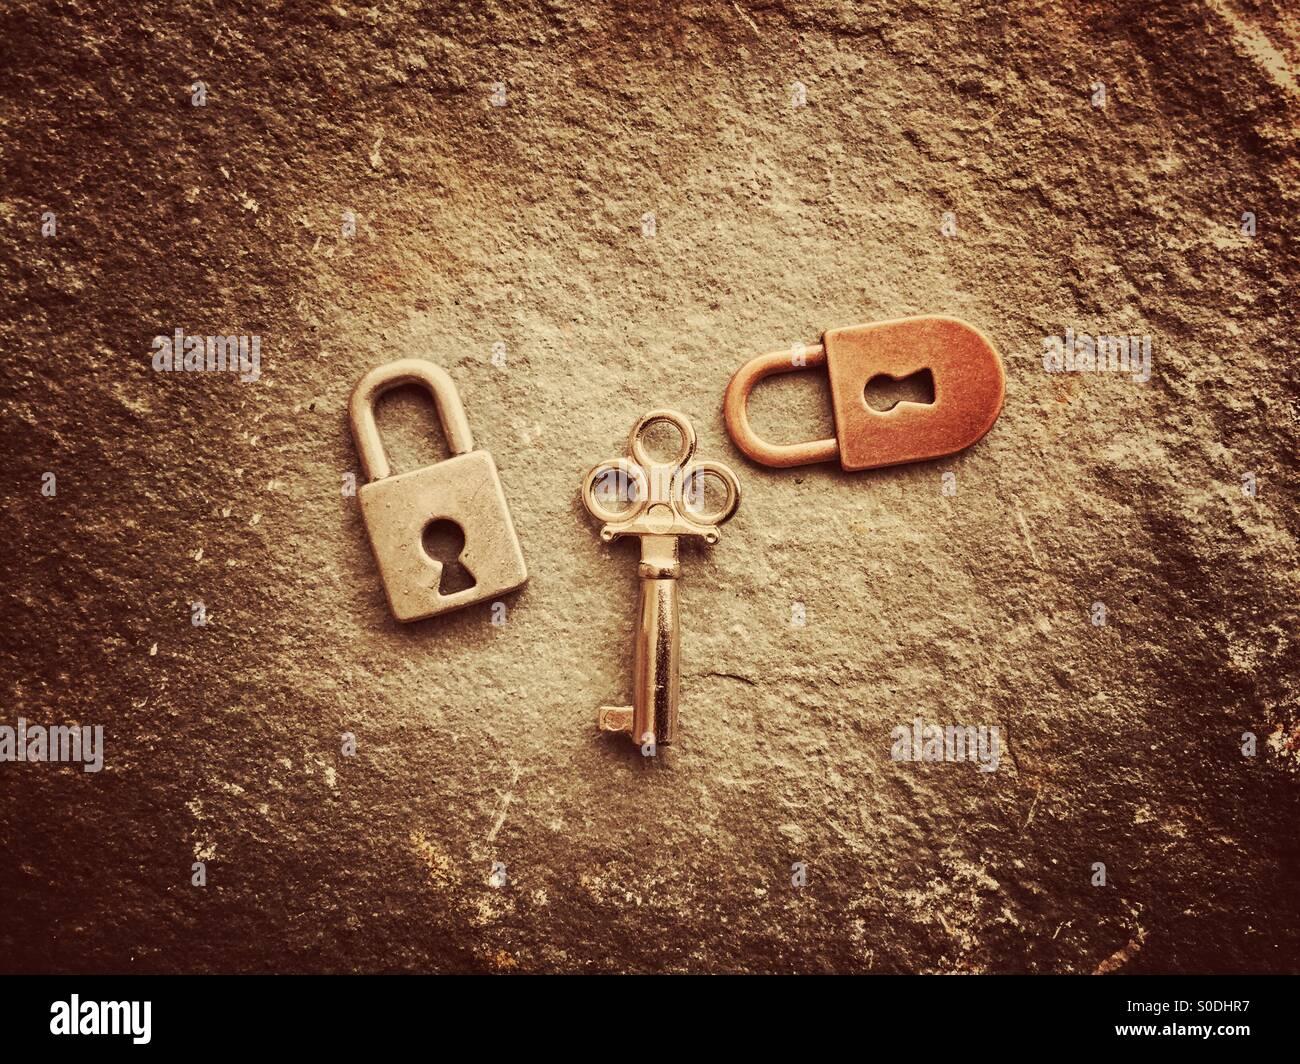 Cerraduras y llave Imagen De Stock